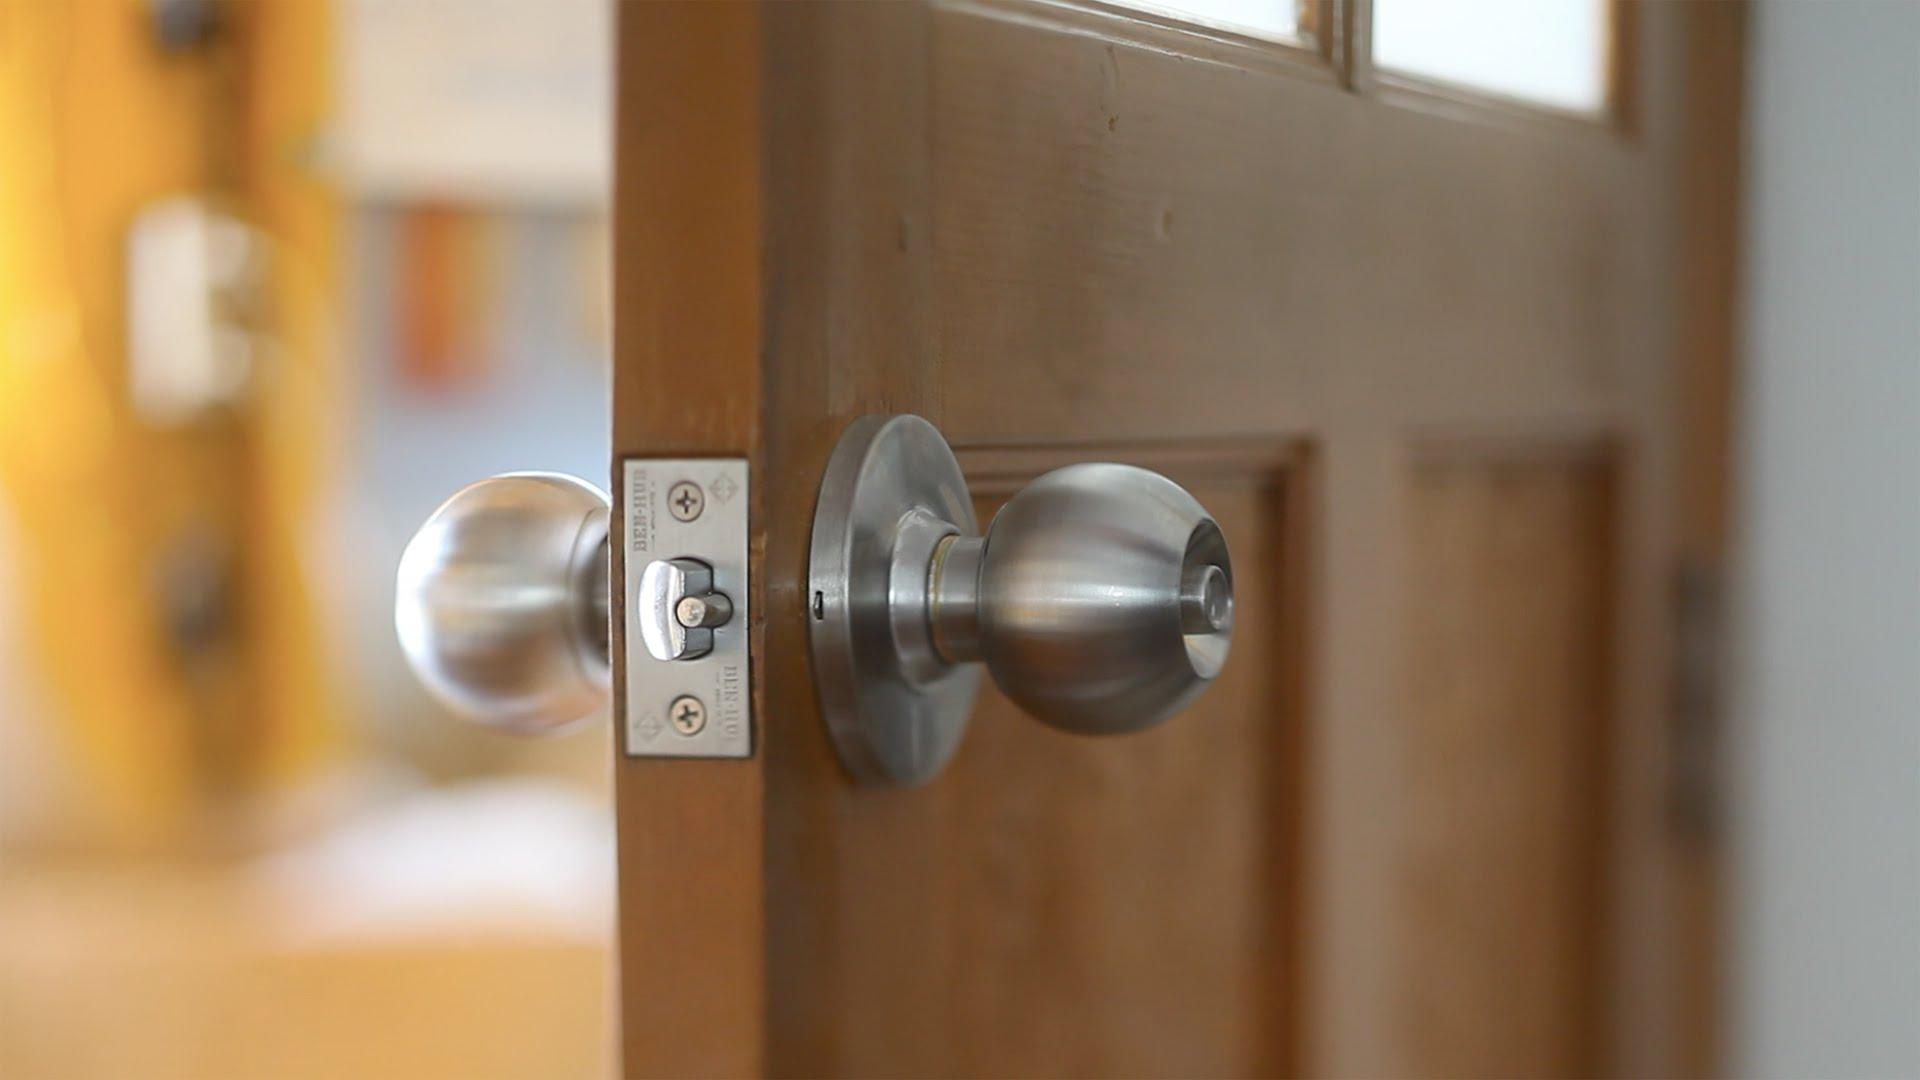 เคล็ดลับการเลือกลูกบิดประตูและแก้ปัญหาการเปิดประตูในเวลาฉุกเฉิน